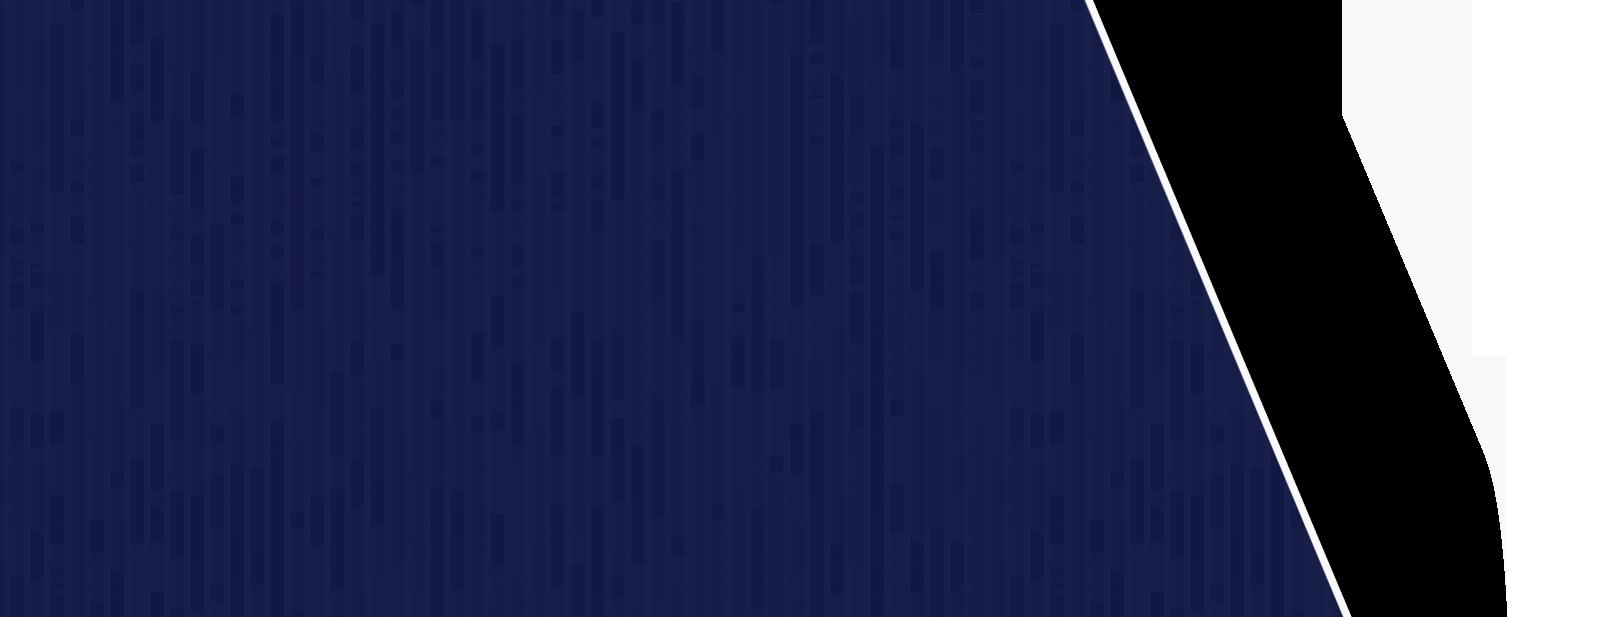 slider-blue-overlay-angled